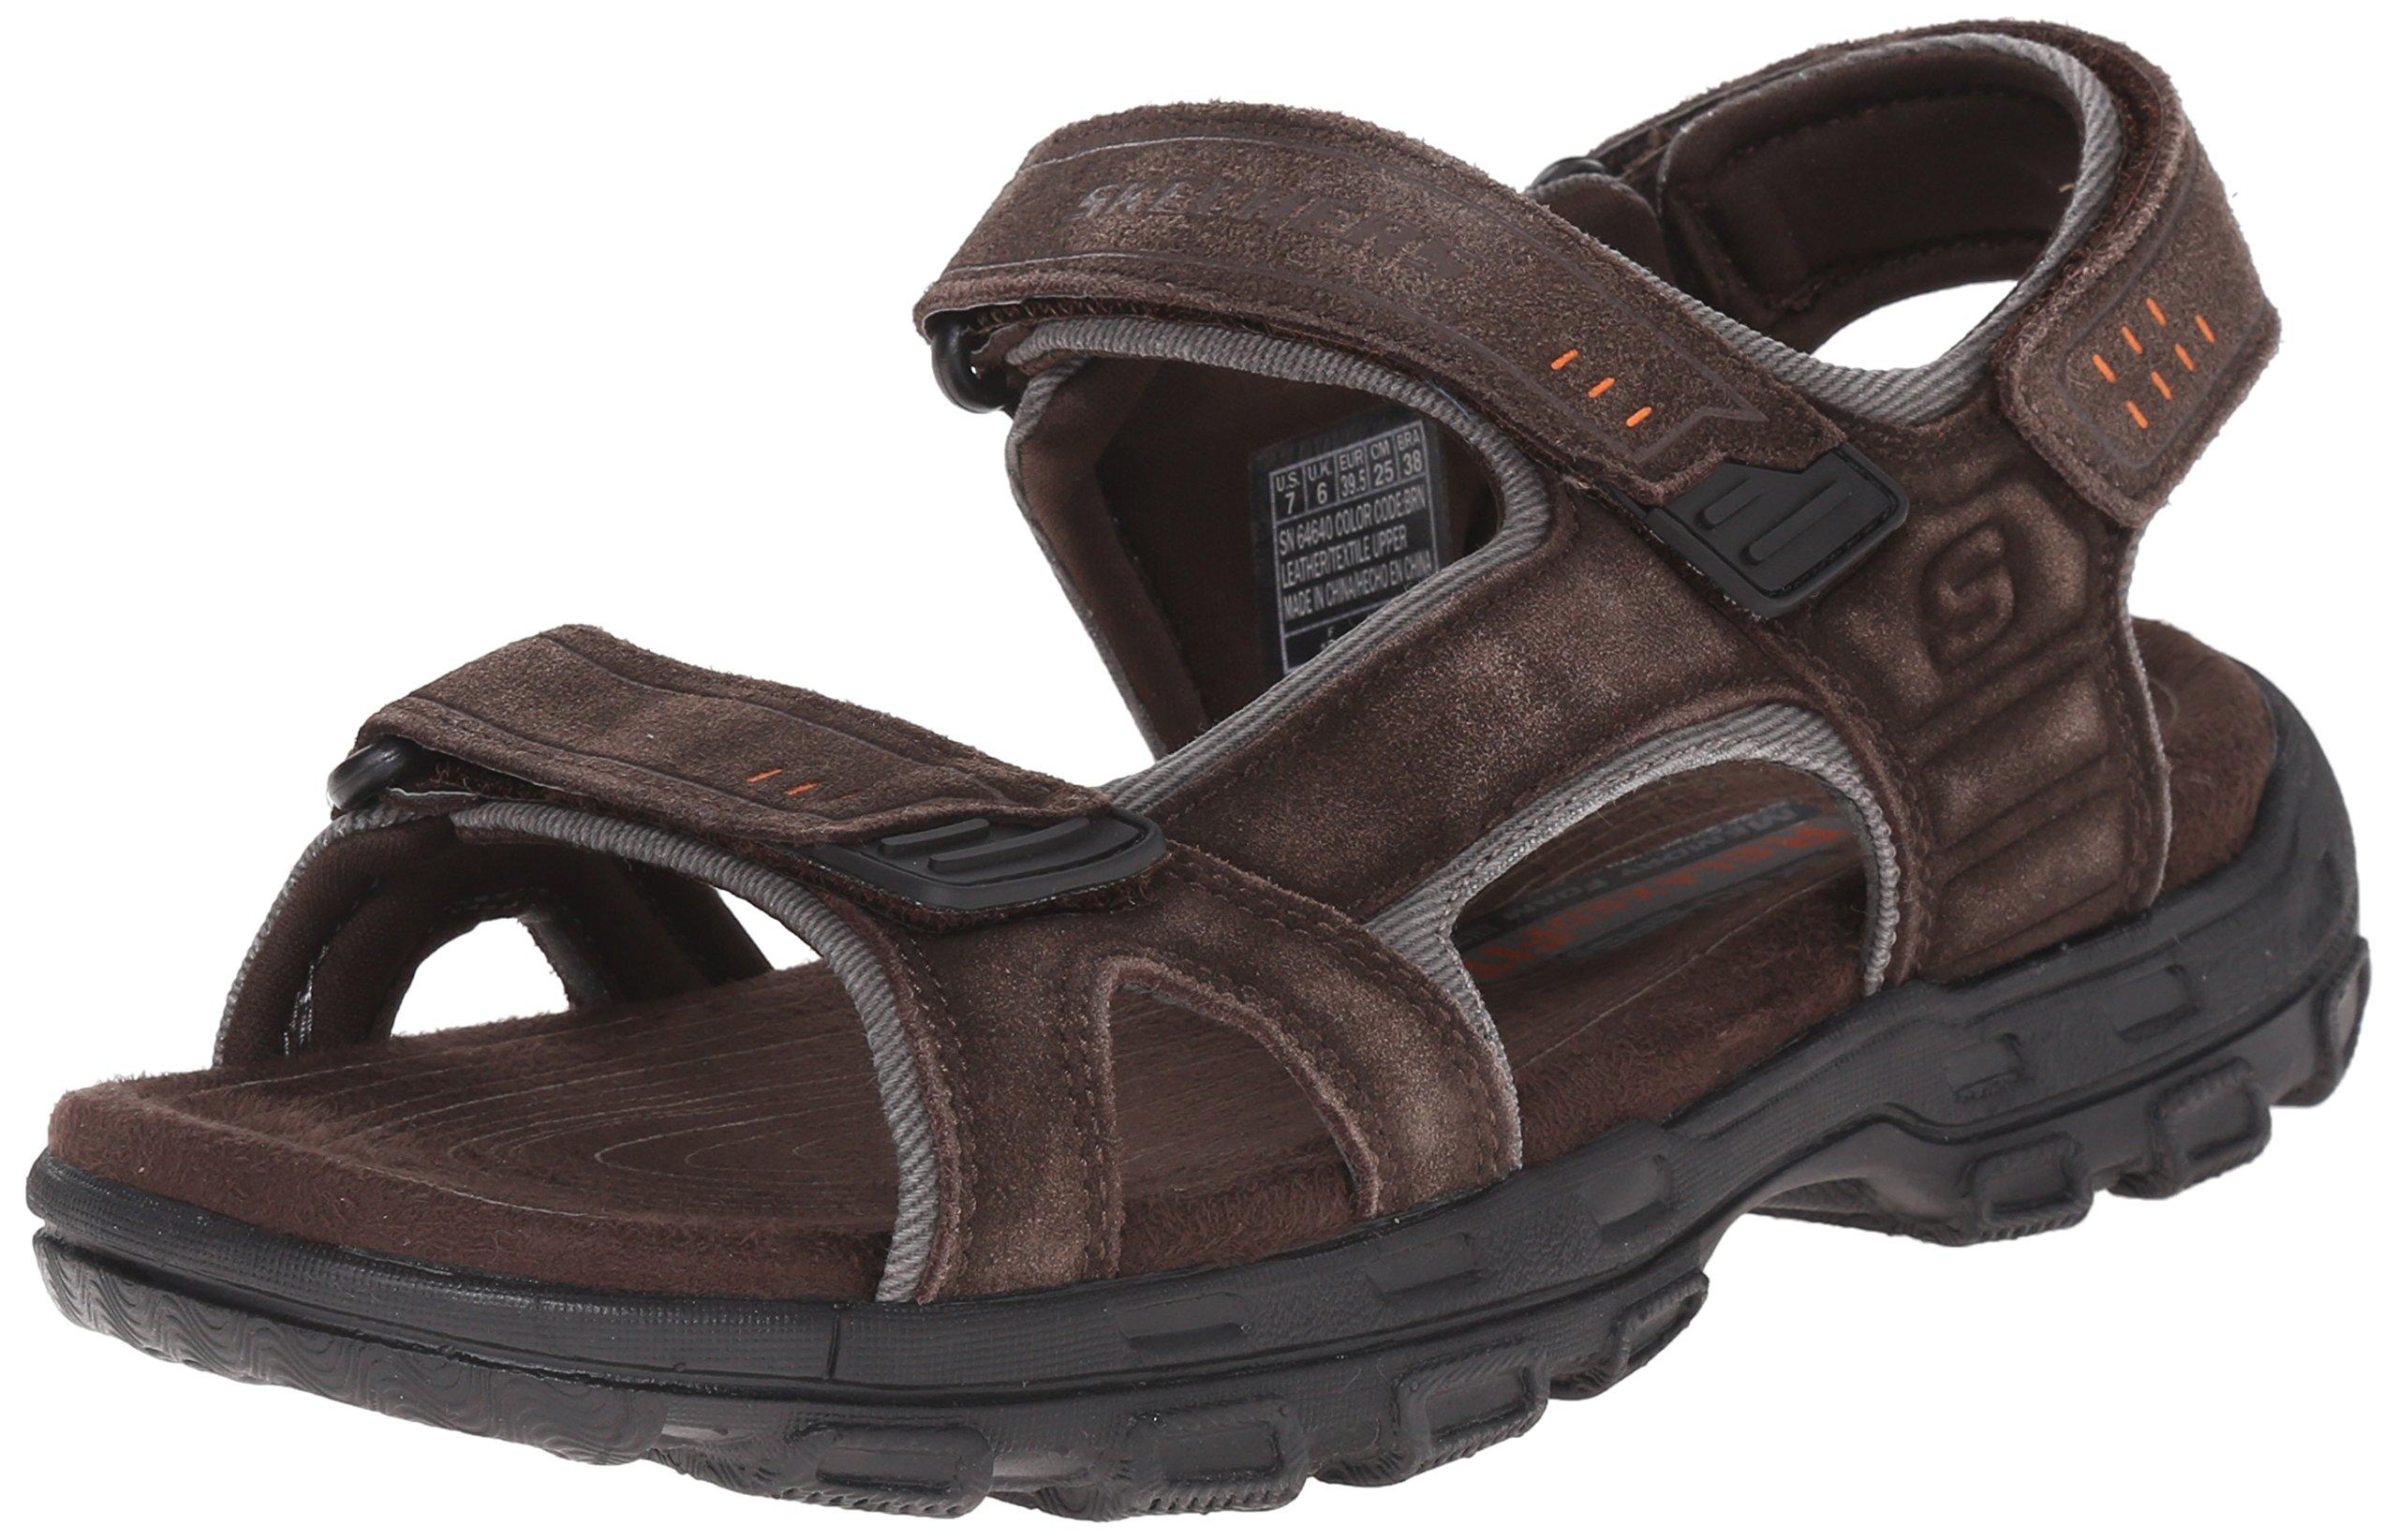 a76ba8d26209 Skechers Men s Louden Sandal - 64487-578   Sandals   Clothing